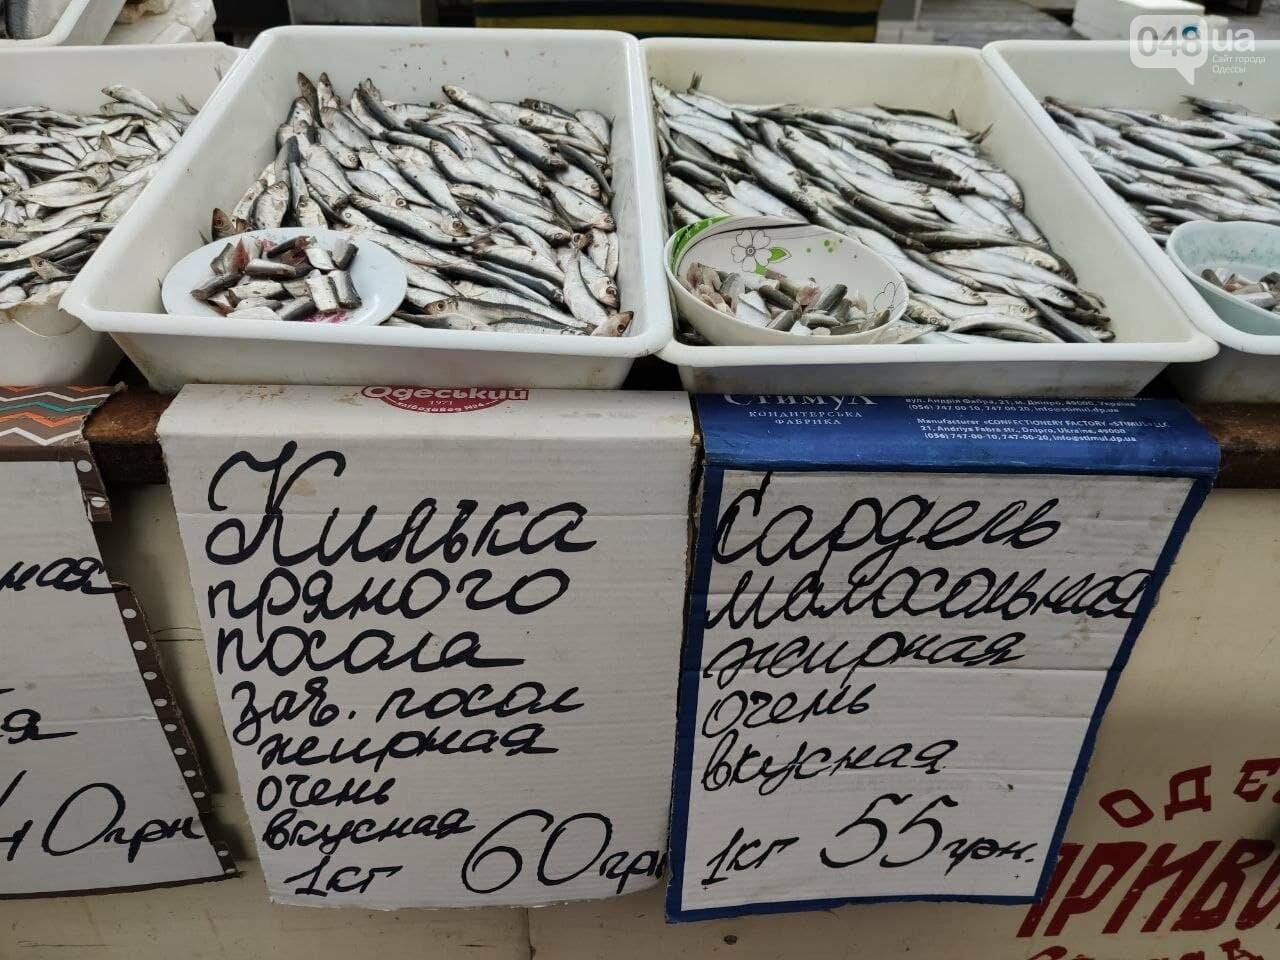 Кефаль, дунайка, рачки: рыбный четверг на одесском Привозе, - ФОТО, фото-2